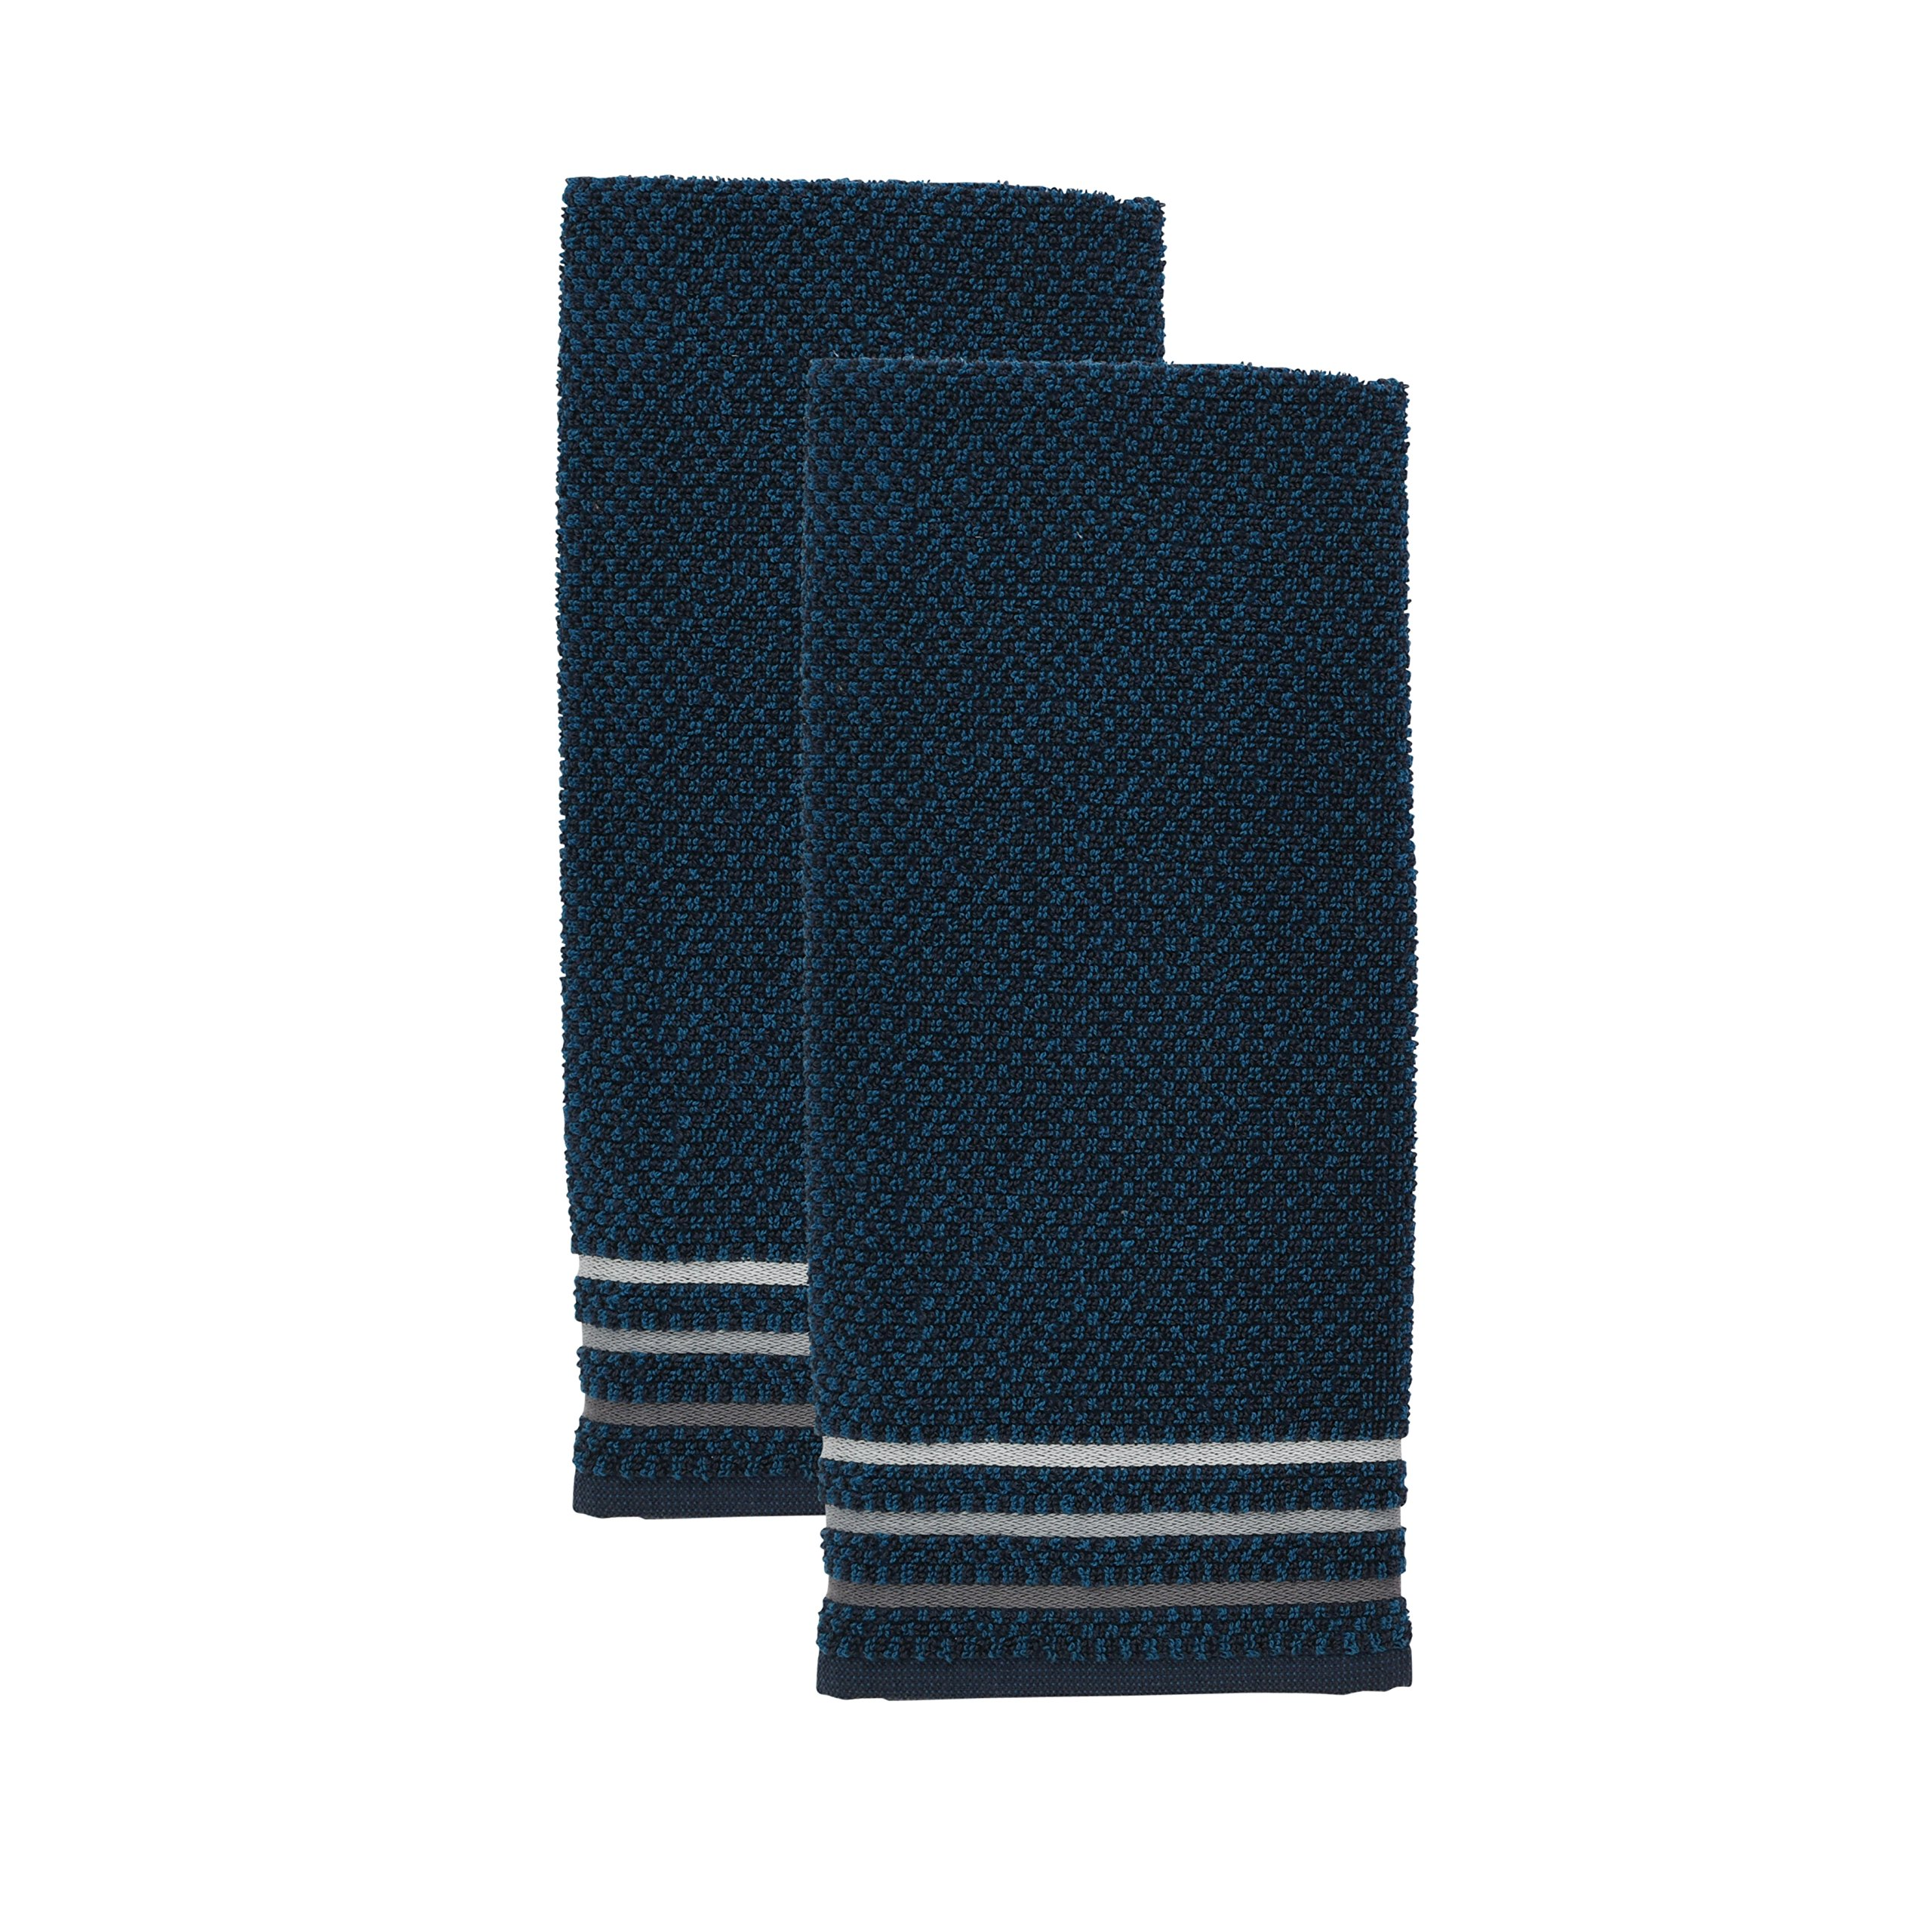 KitchenAid Checkerboard Kitchen Towel, One Size, Ink Blue